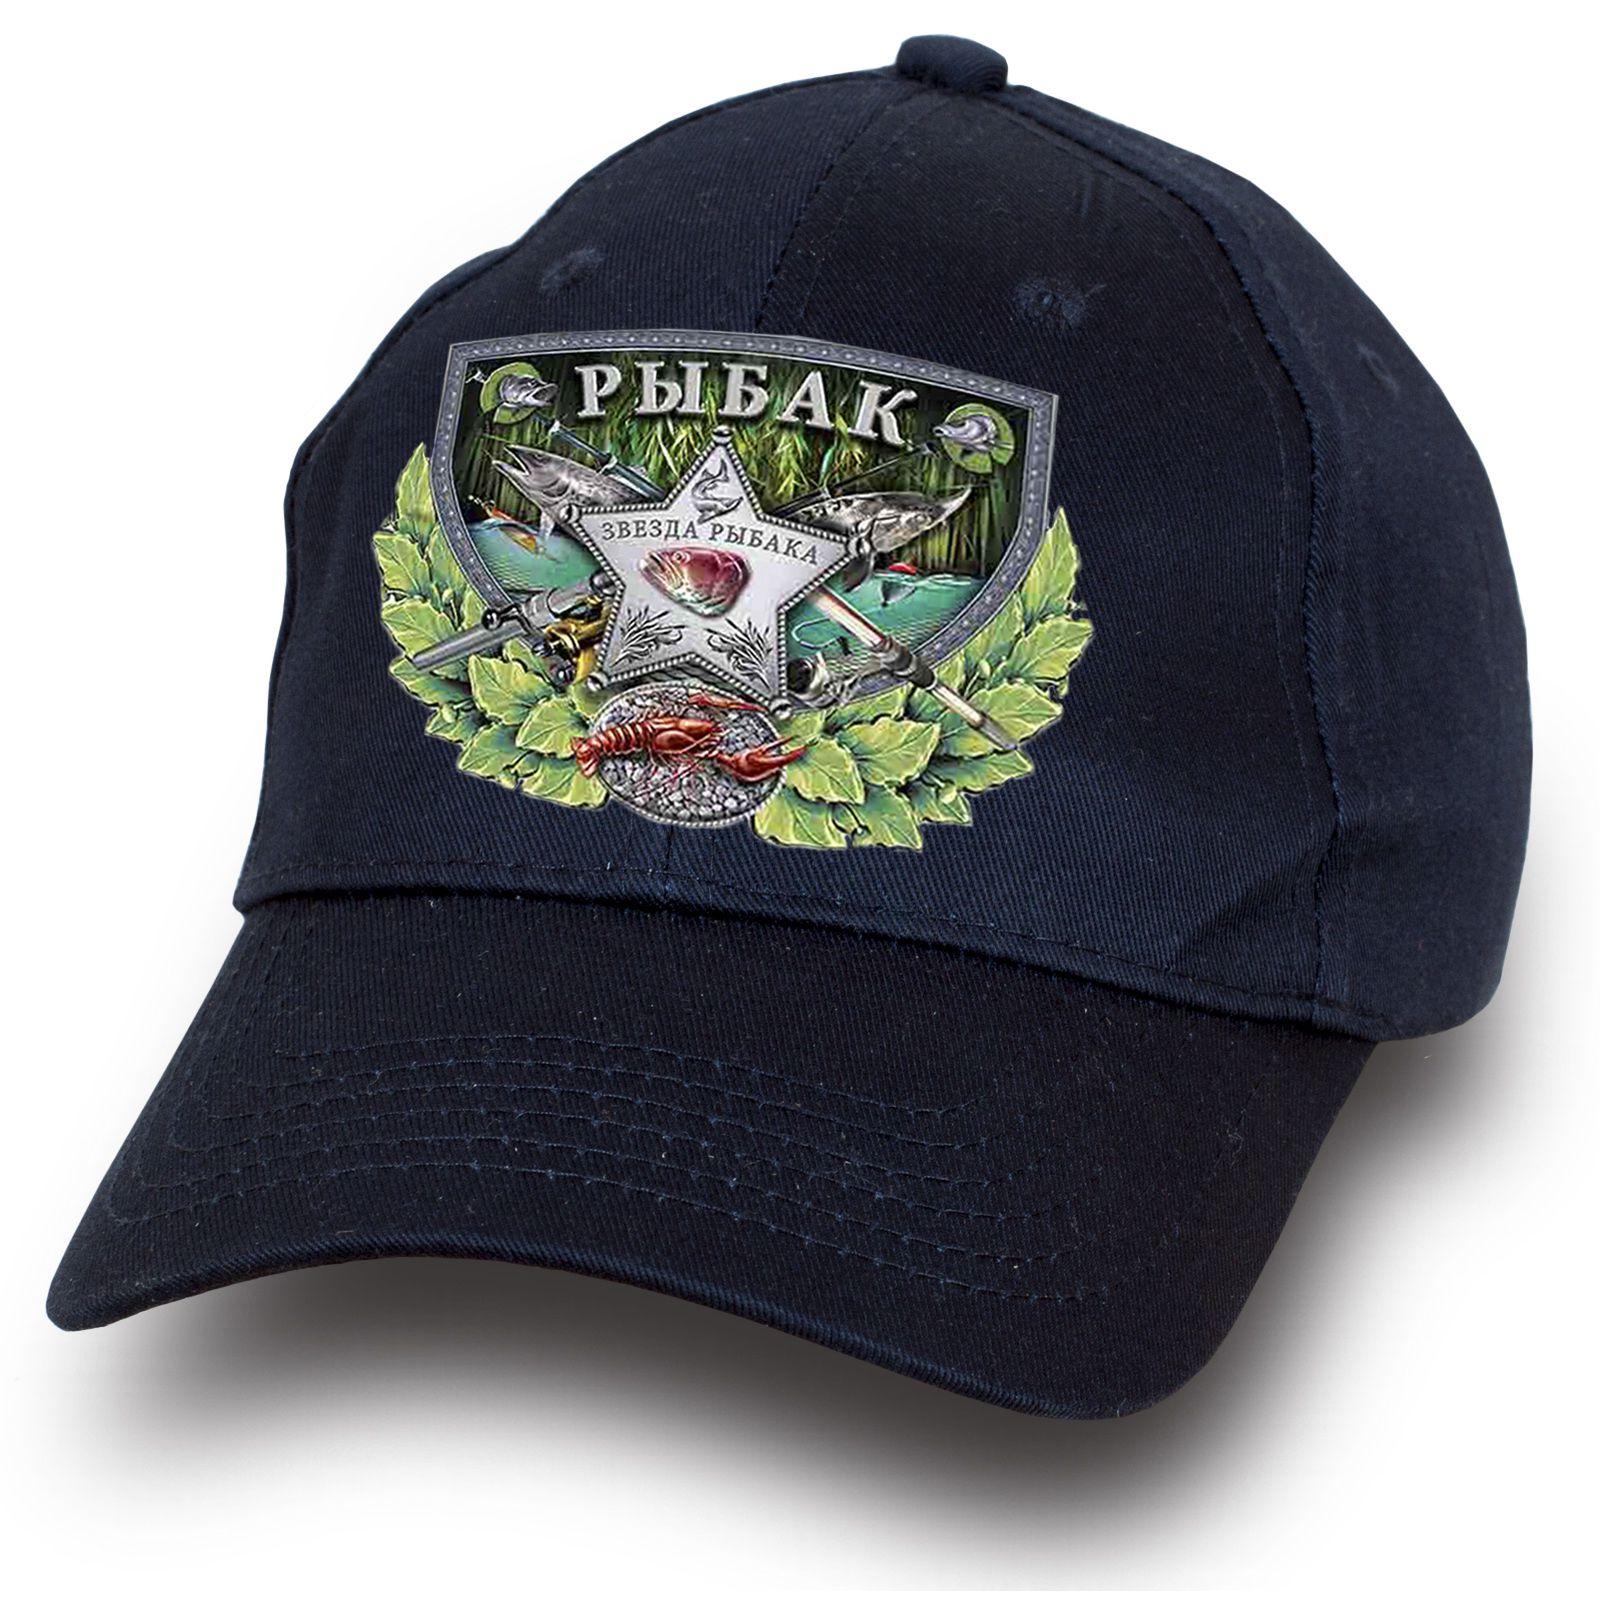 Рыбацкая кепка темно-синяя - купить по лучшей цене